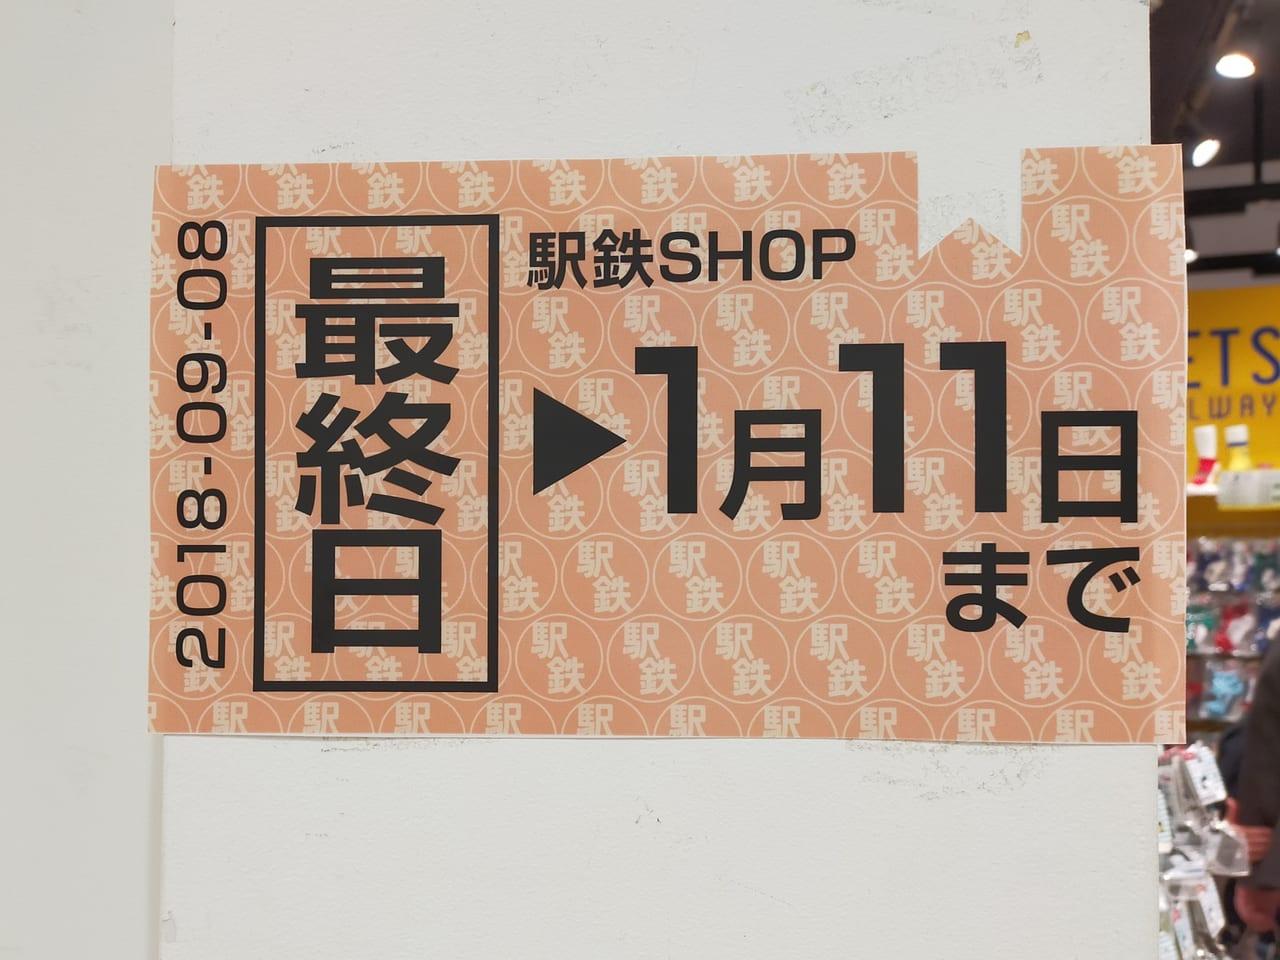 鉄道グッズ店「駅鉄POP SHOP ららぽーと湘南平塚店」が1月11日(月)の営業を最後に閉店します。